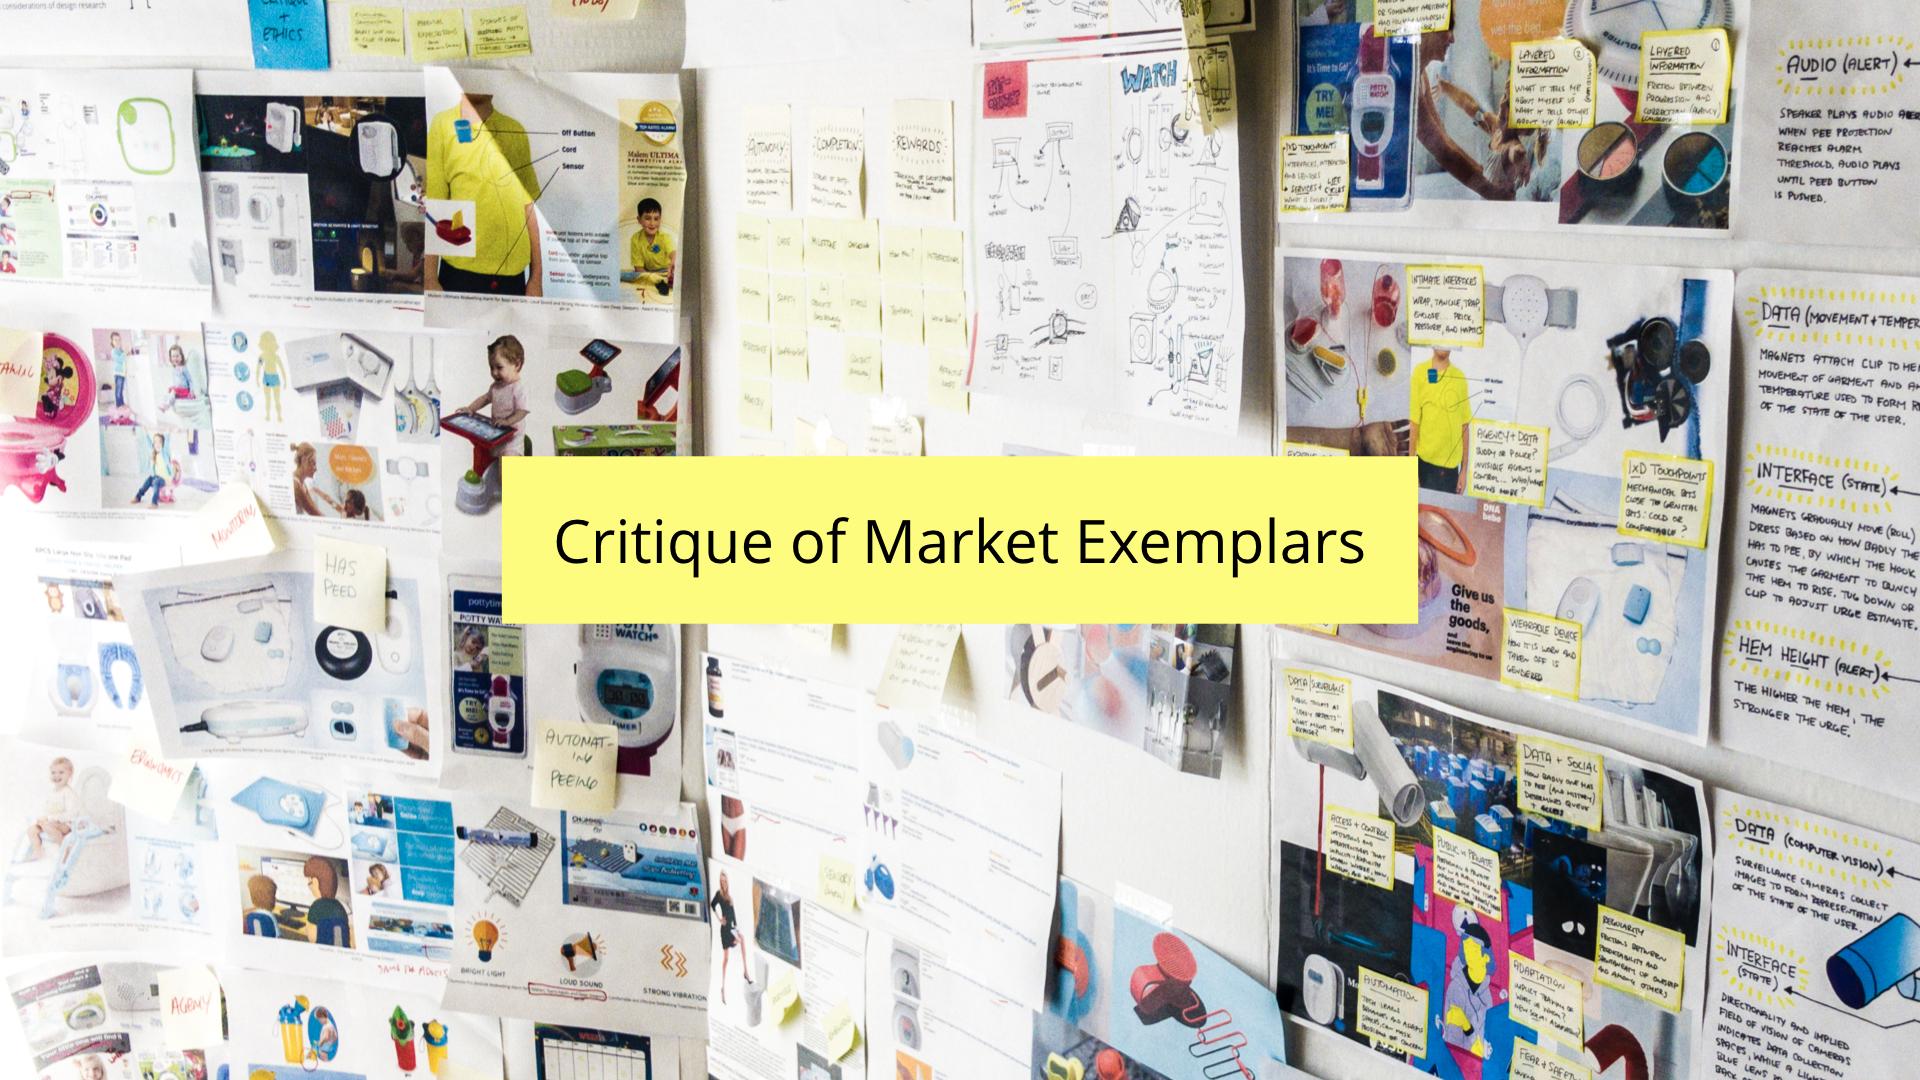 DIS 2019 paper presentation - critique of market exemplars